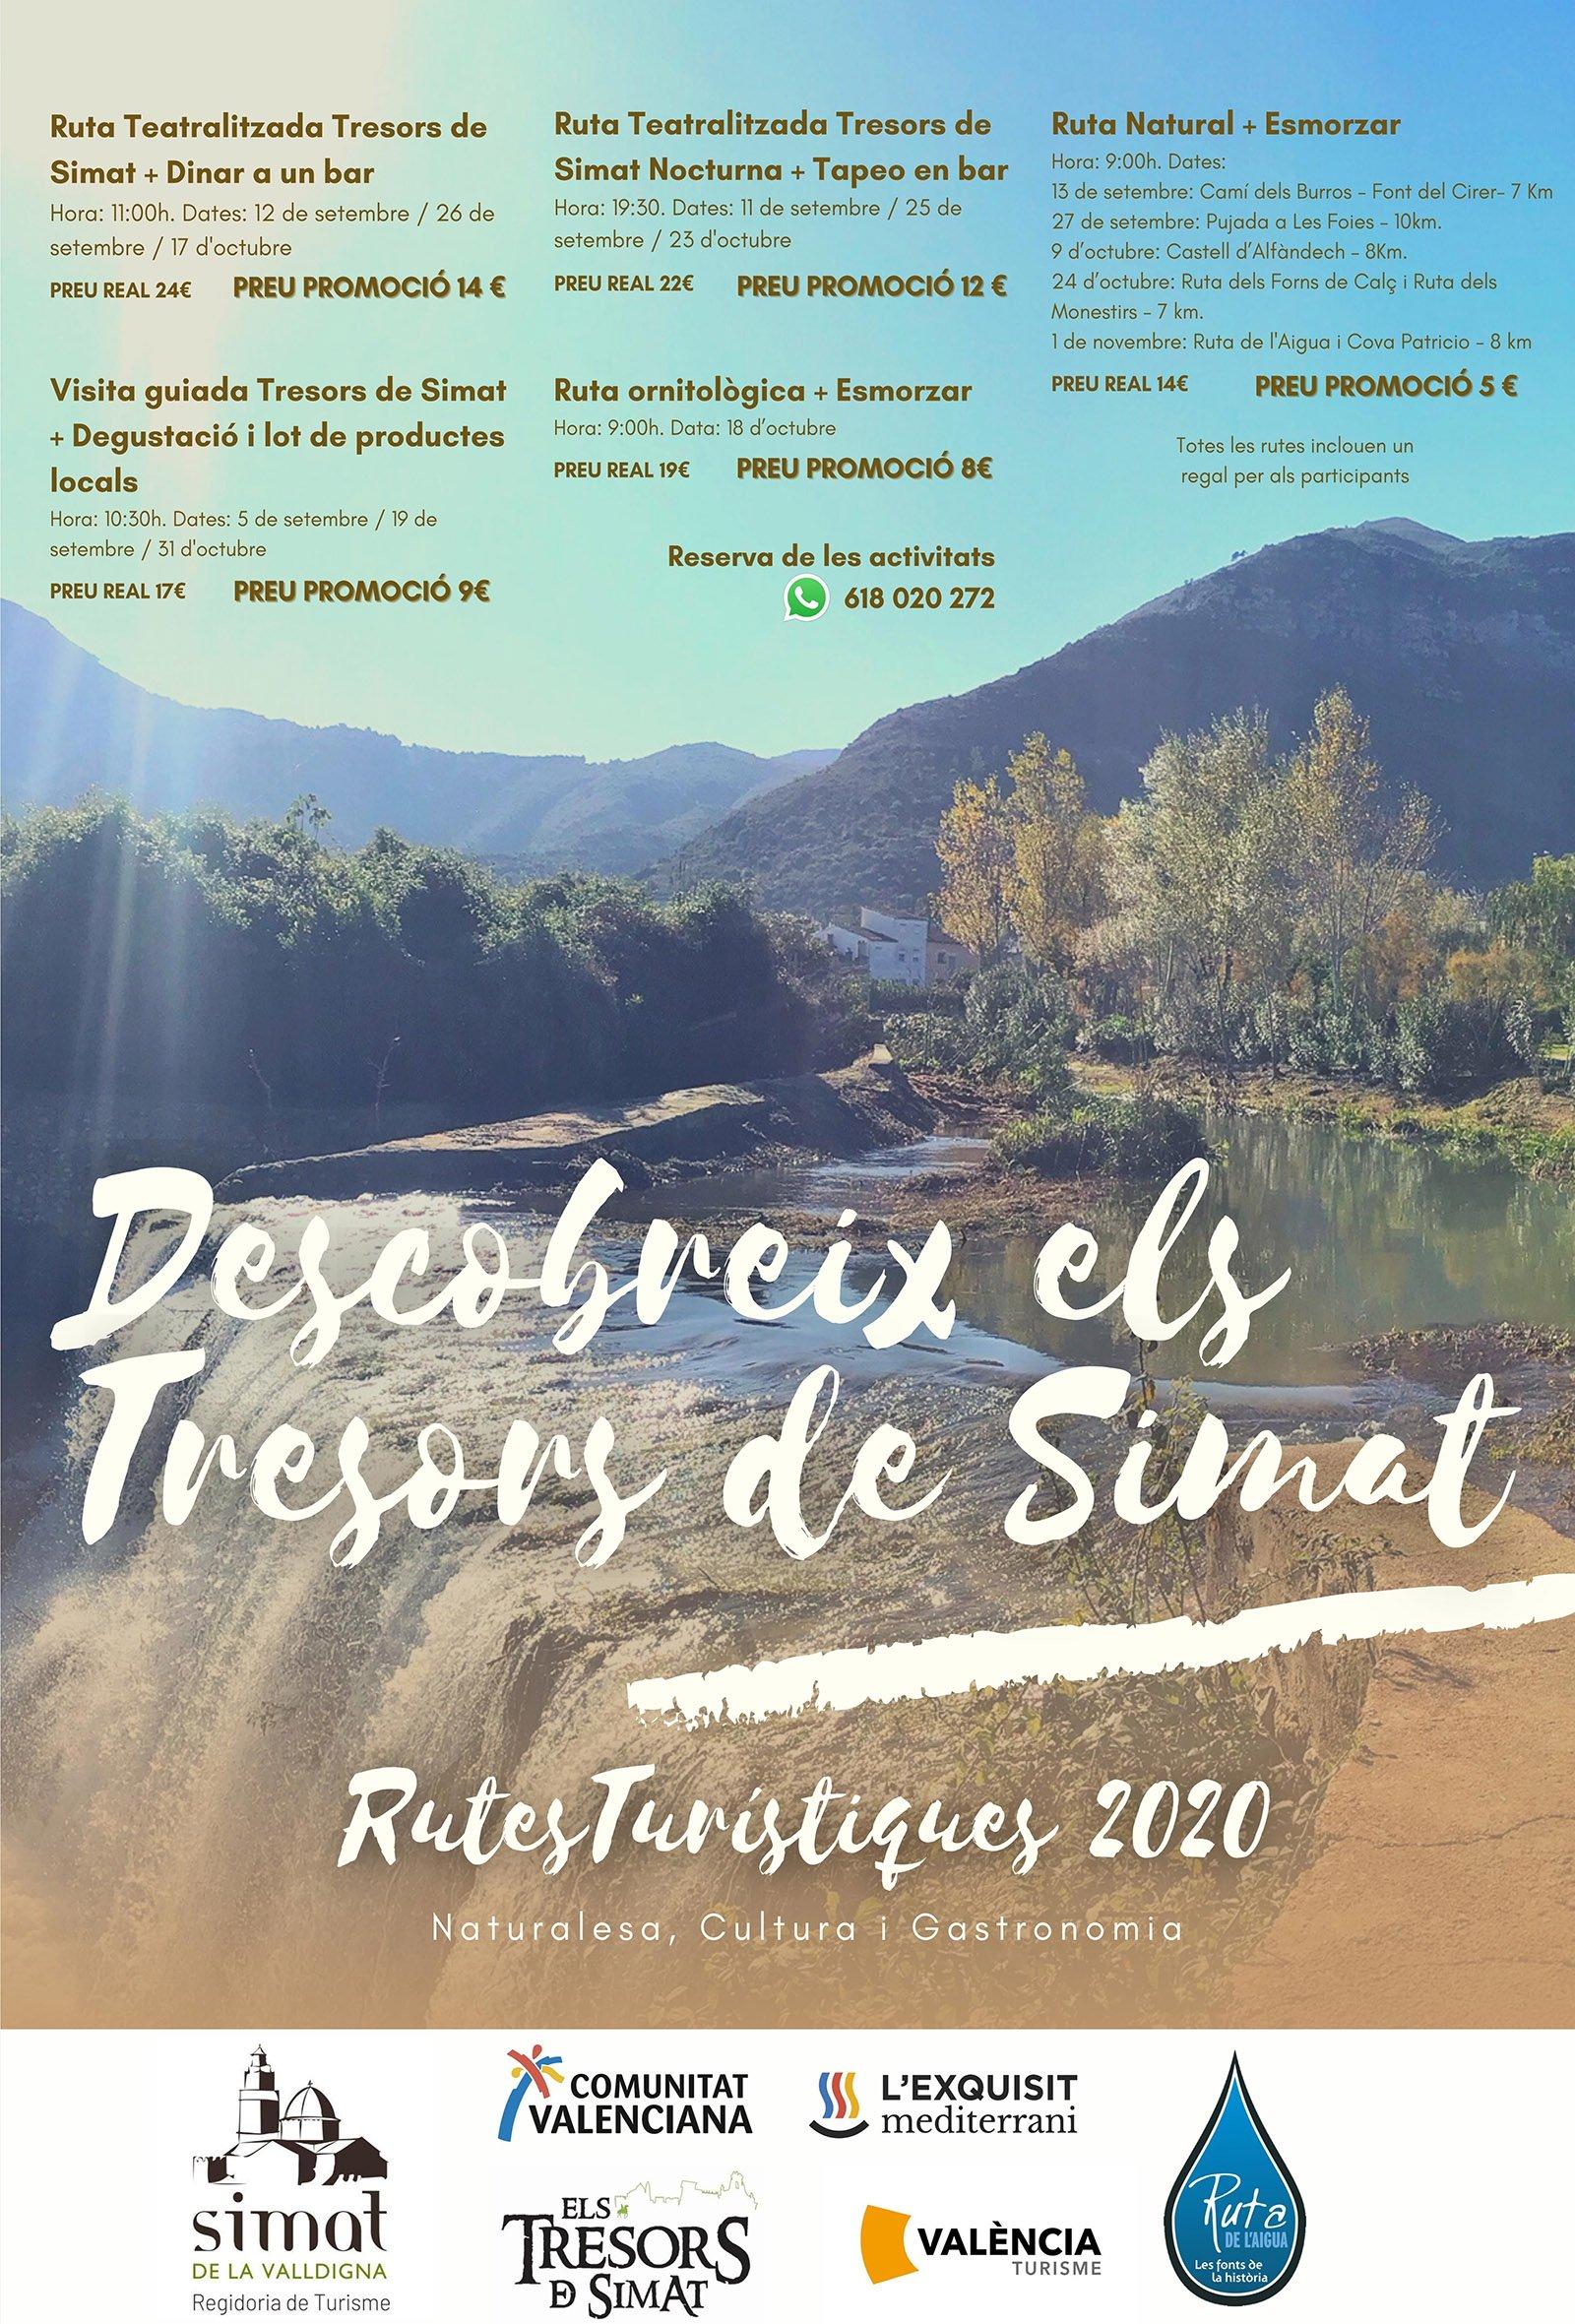 Rutas Culturales Simat Valldigna 2020